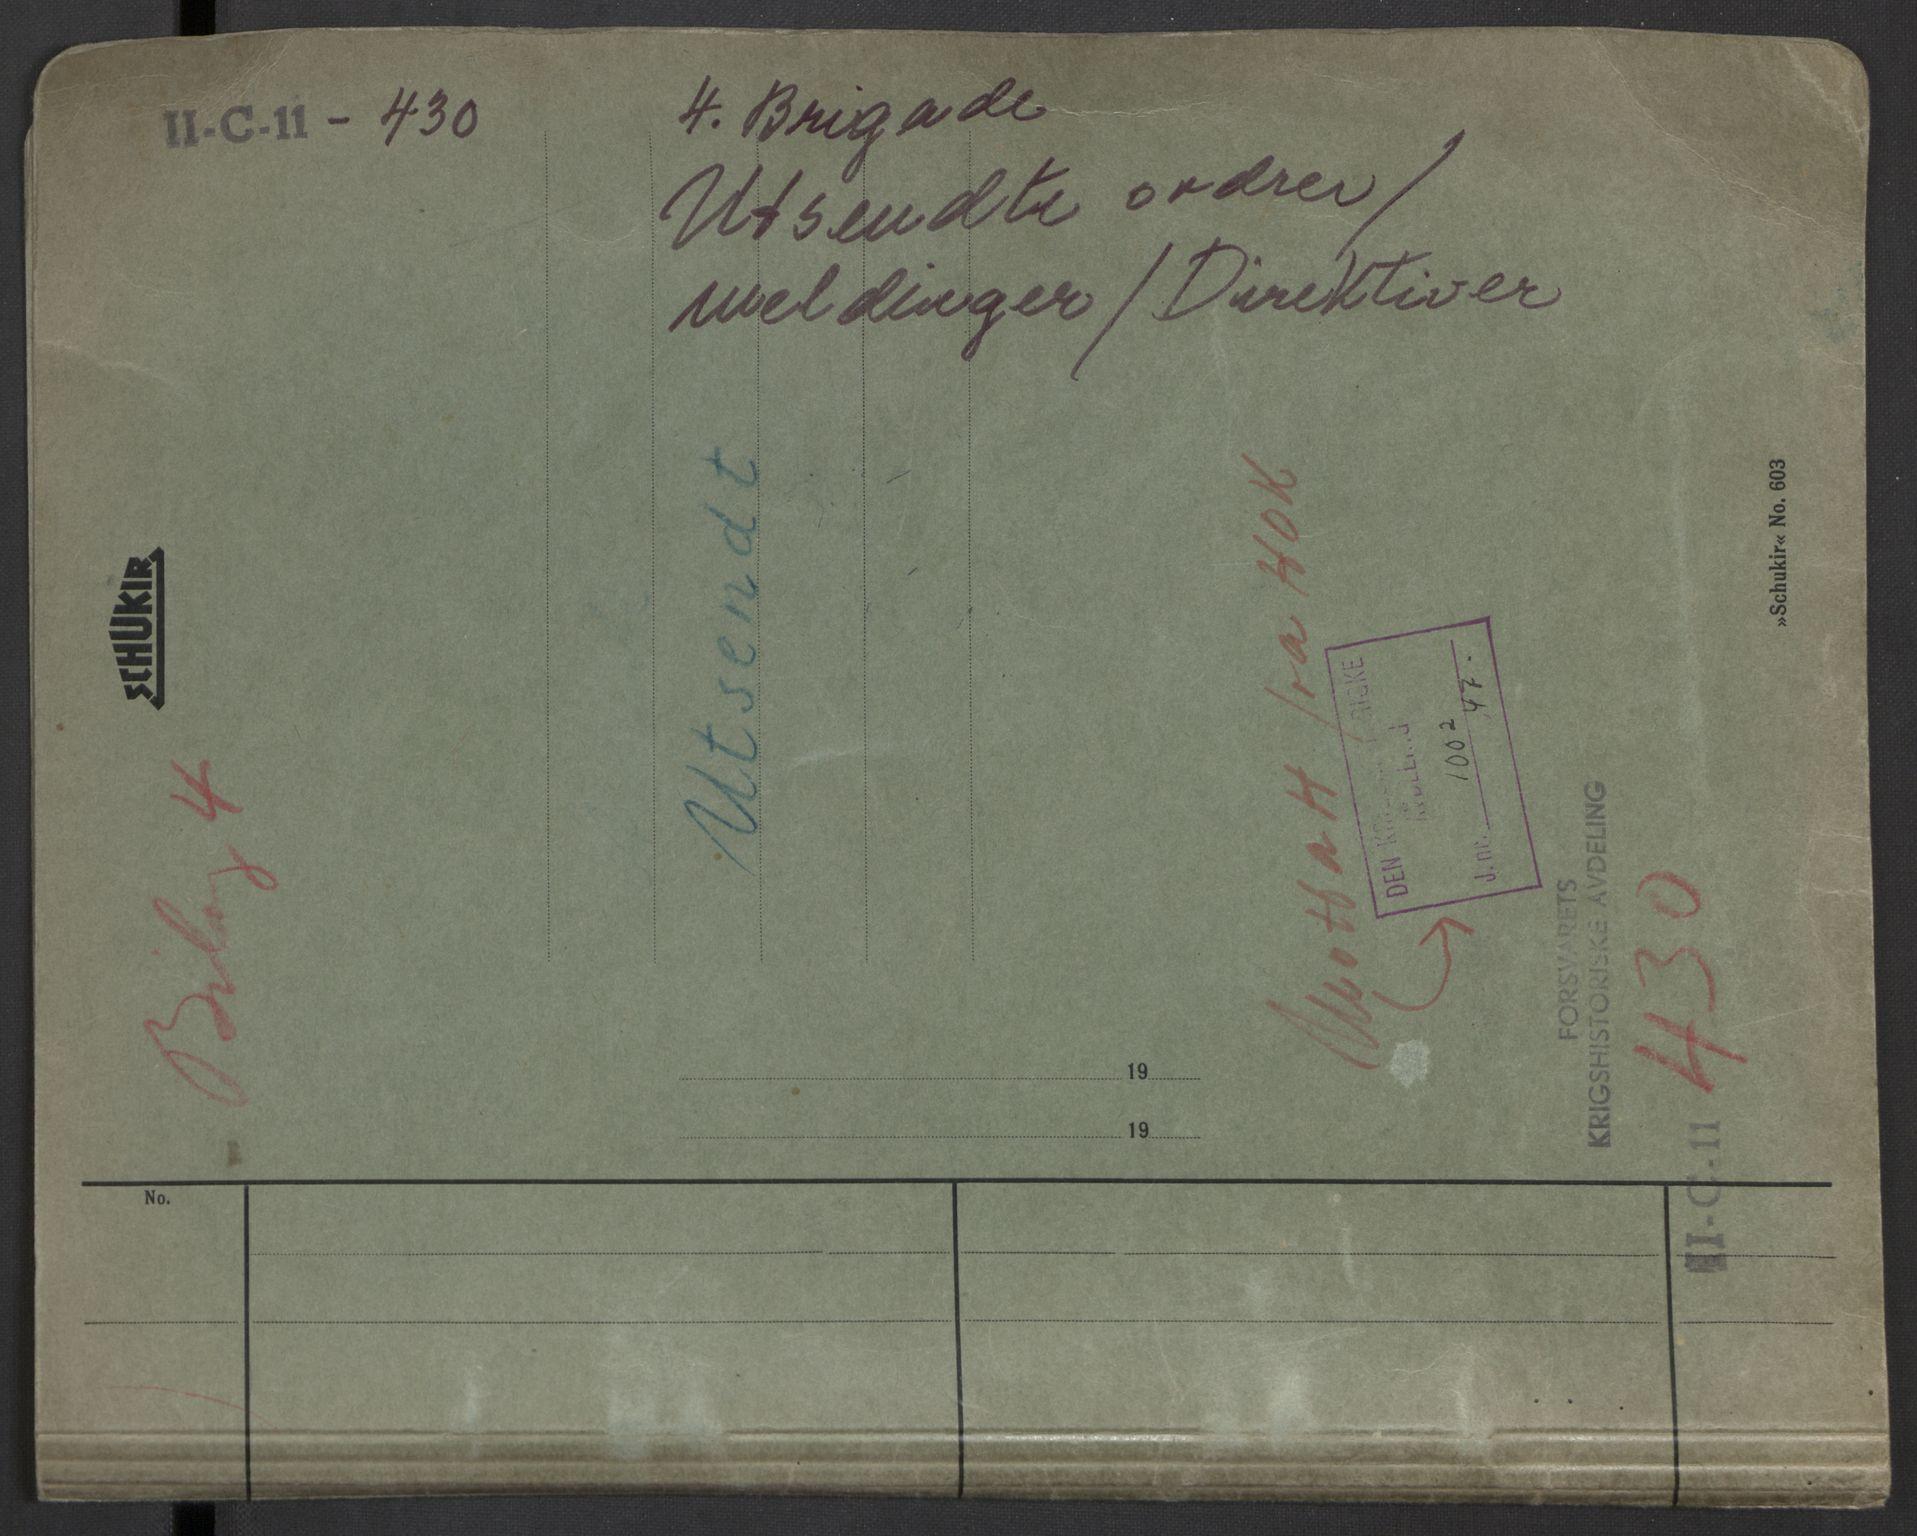 RA, Forsvaret, Forsvarets krigshistoriske avdeling, Y/Yb/L0104: II-C-11-430  -  4. Divisjon., 1940, s. 55